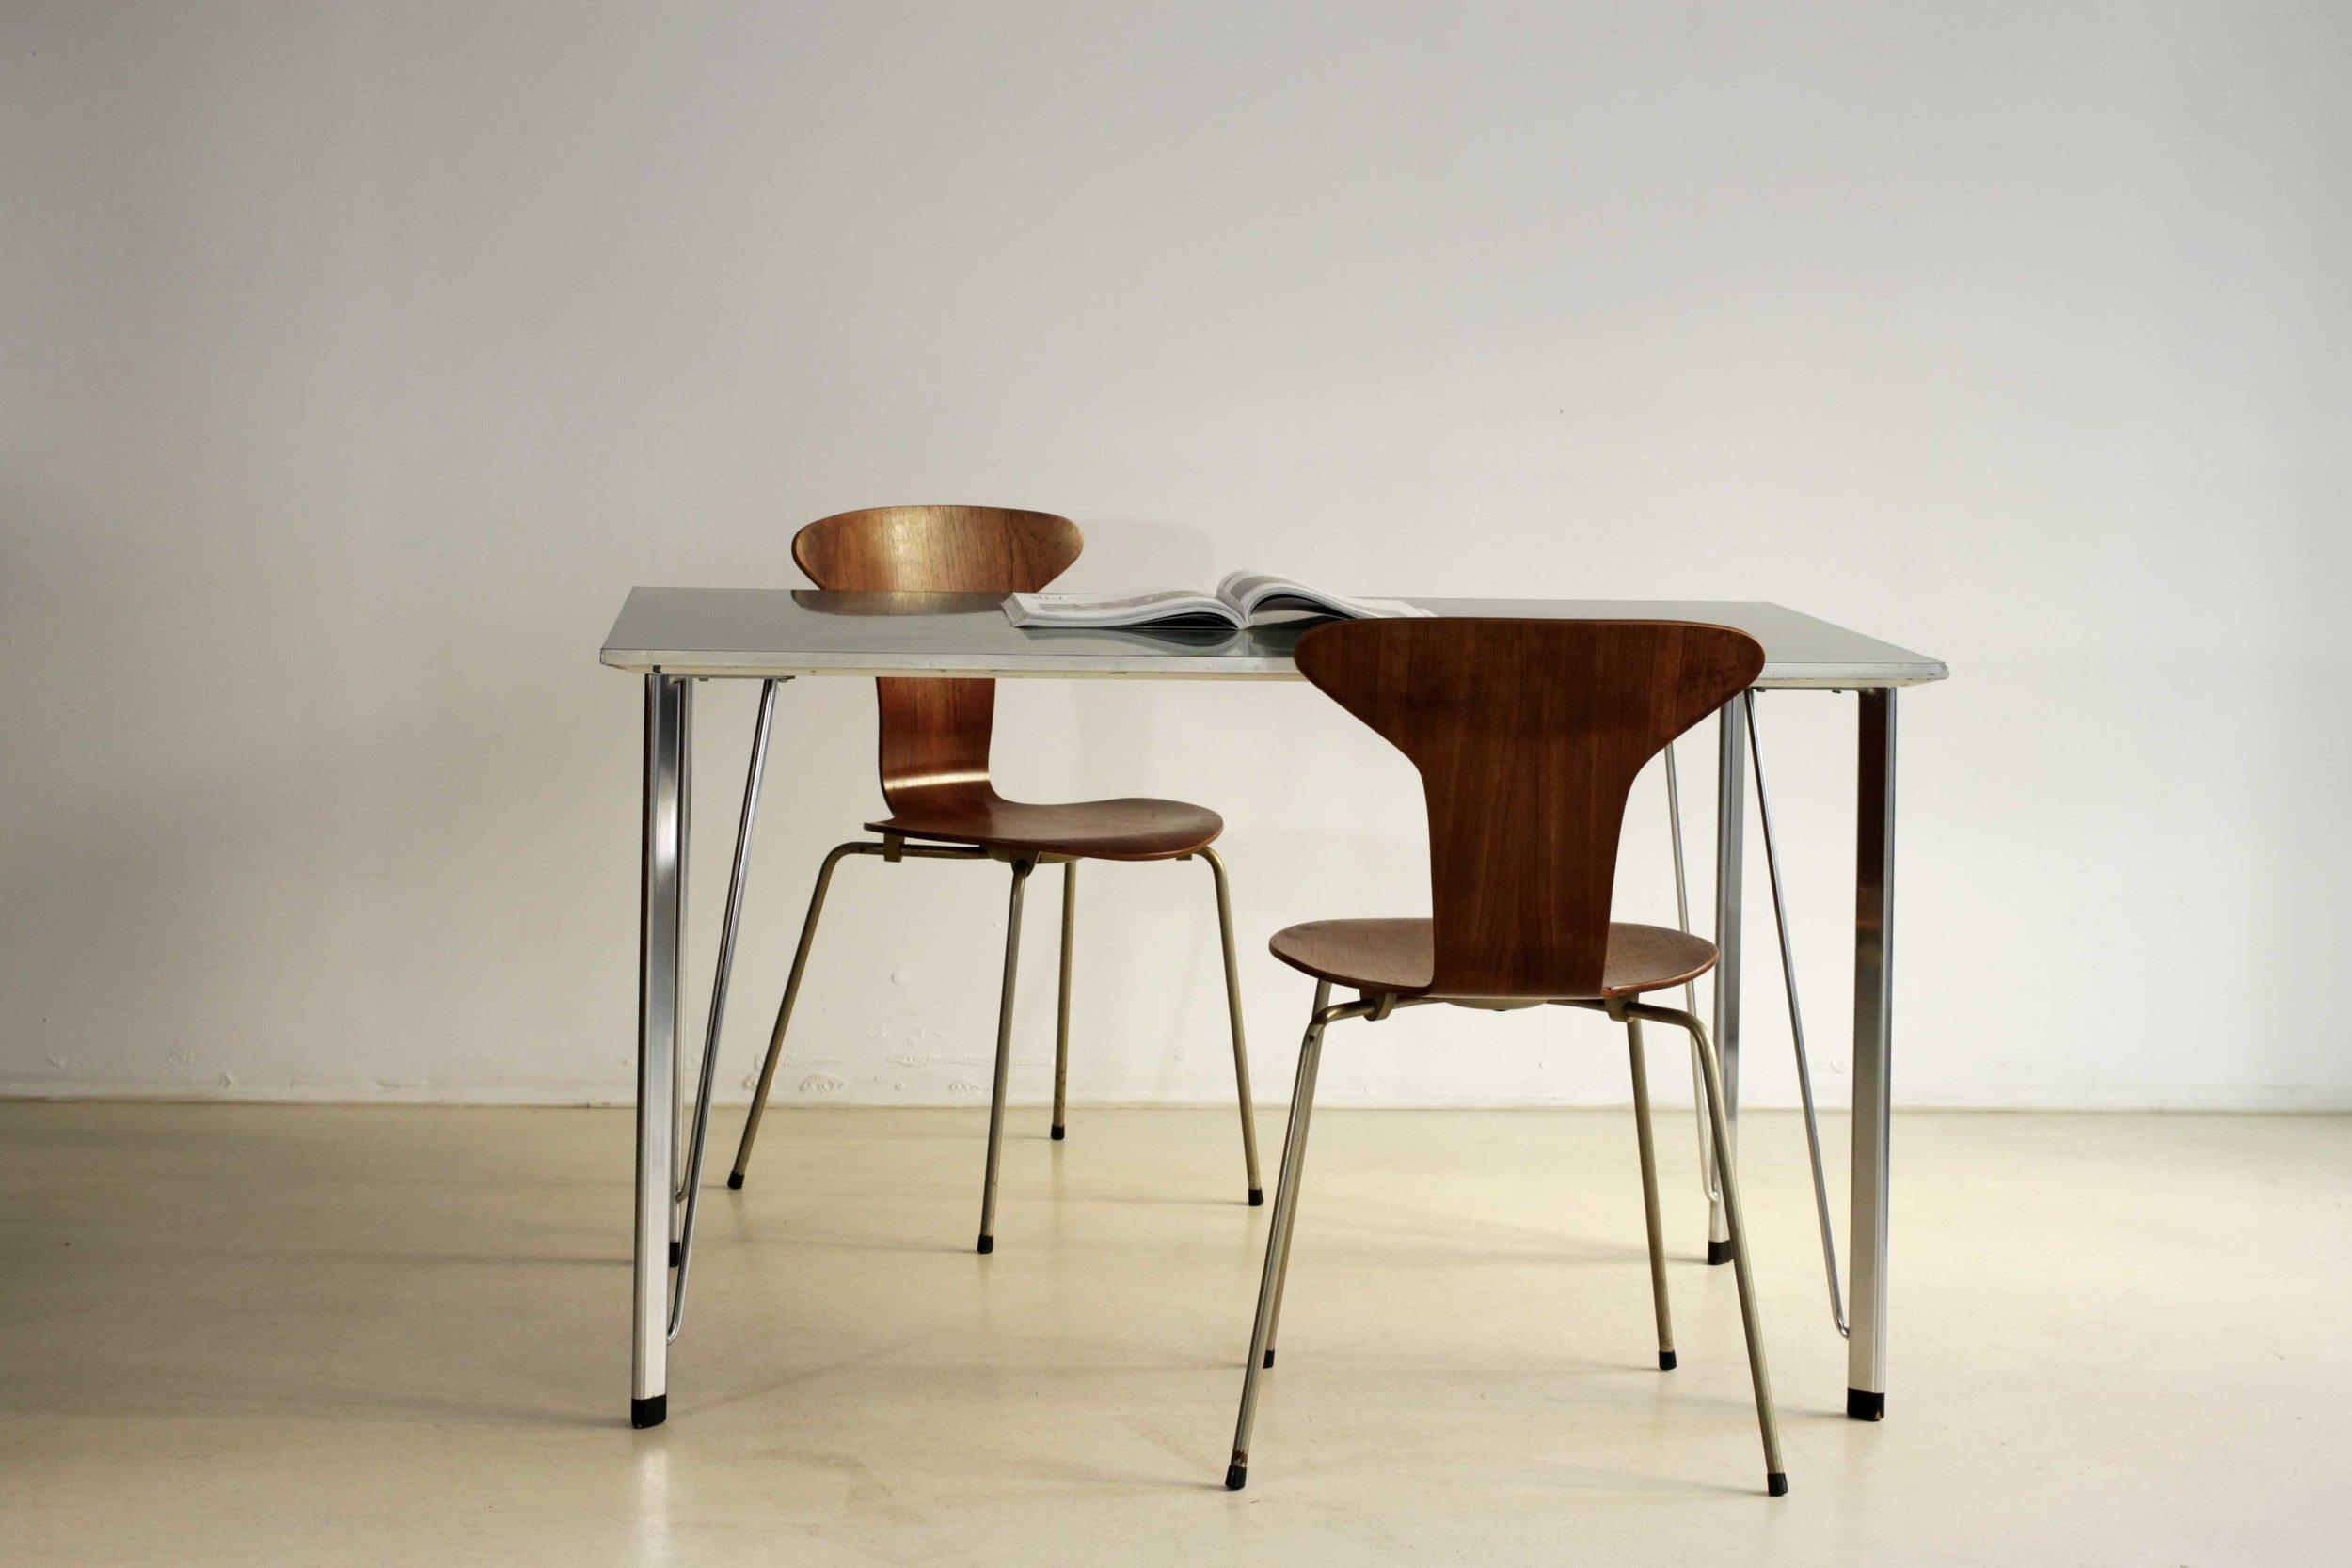 table-jacobsen-5.jpg